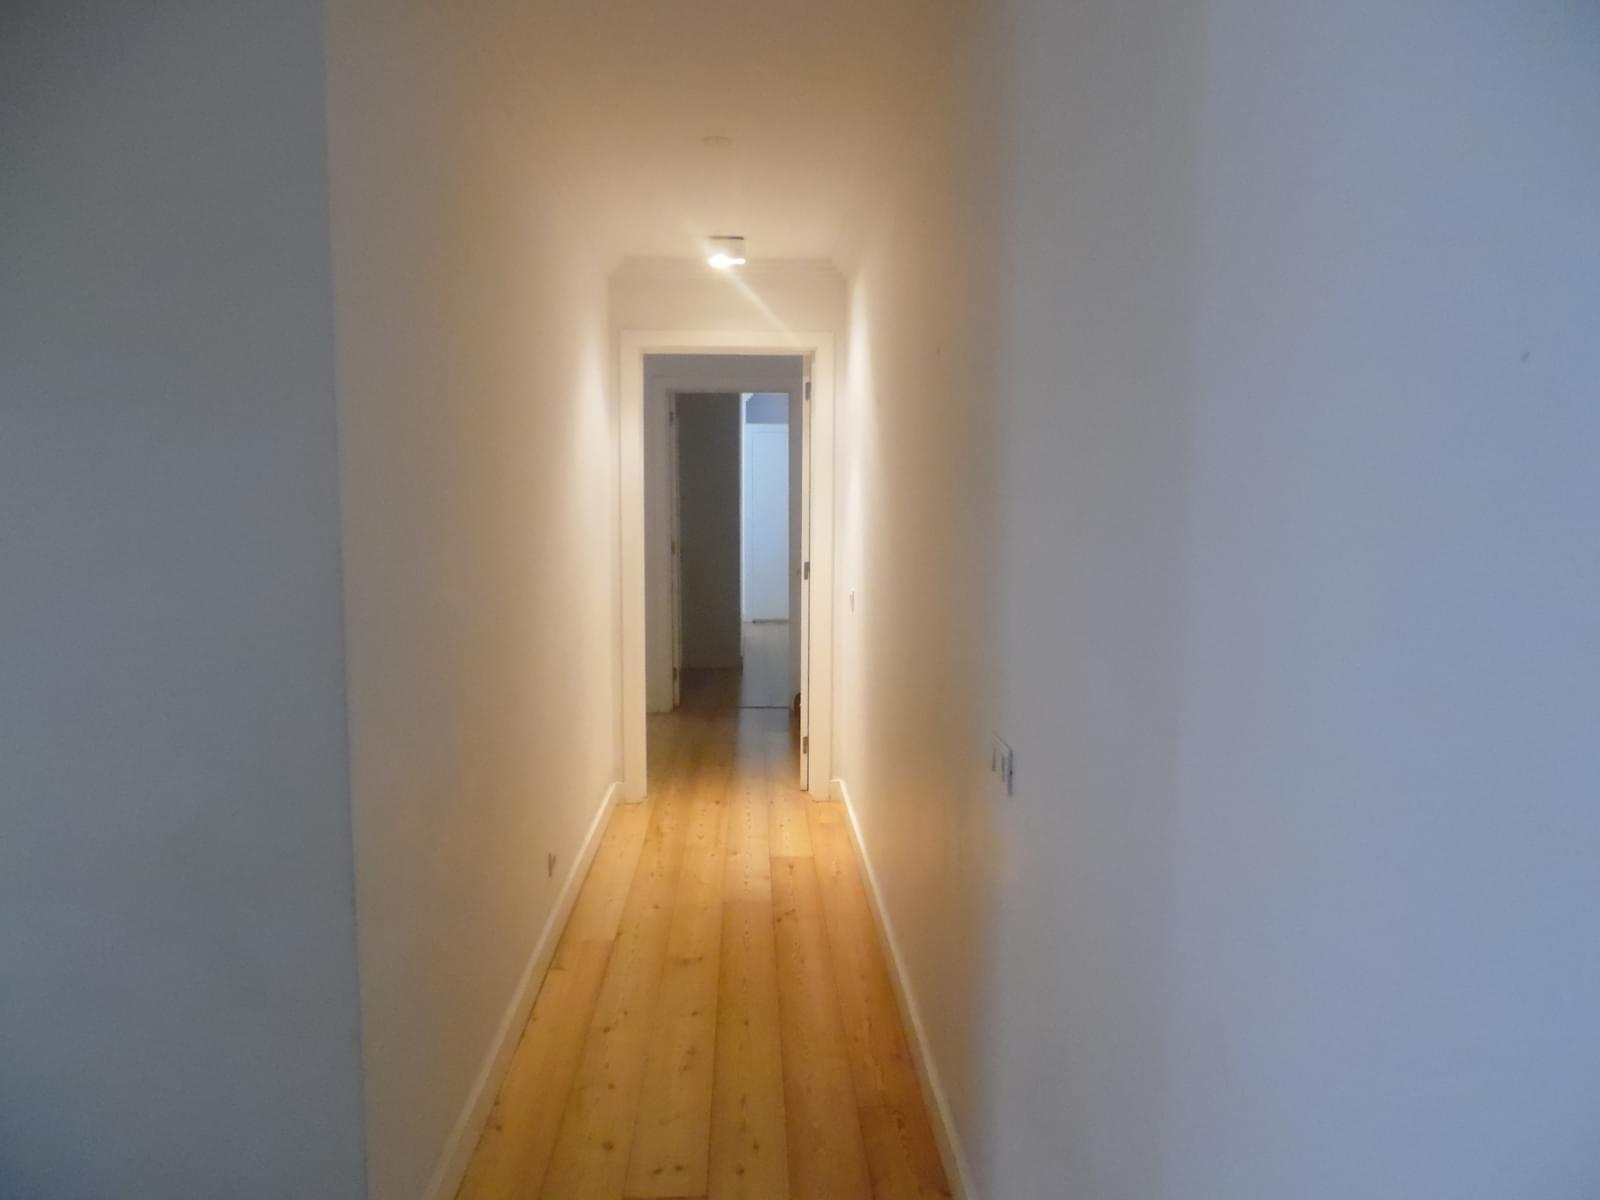 pf17454-apartamento-t4-lisboa-7768487c-7d90-46a6-bcc8-c0cf4931e4cc